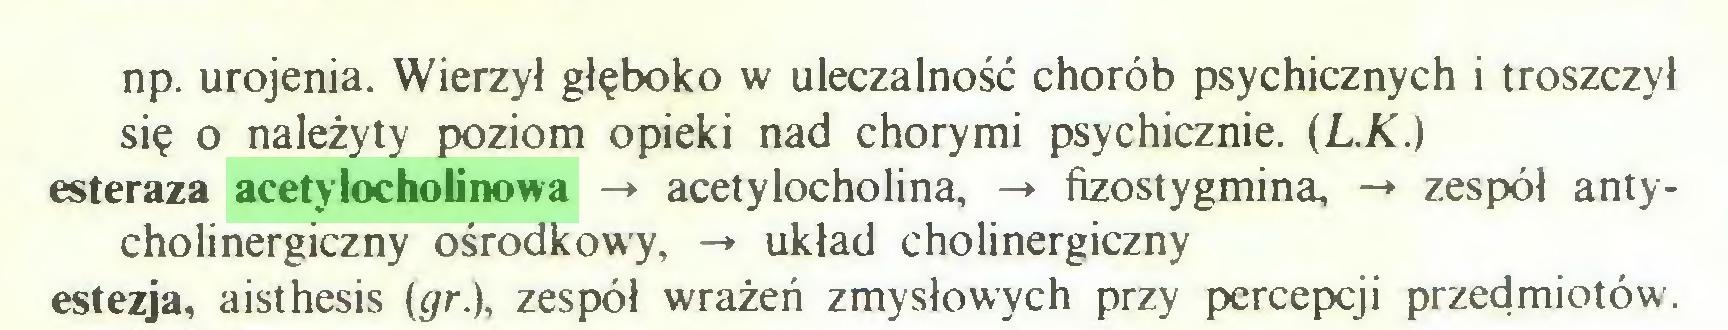 (...) np. urojenia. Wierzył głęboko w uleczalność chorób psychicznych i troszczył się o należyty poziom opieki nad chorymi psychicznie. (L.K.) esteraza acetylocholinowa -* acetylocholina, -» fizostygmina, -*• zespół antycholinergiczny ośrodkowy, -» układ cholinergiczny estezja, aisthesis (gr.), zespół wrażeń zmysłowych przy percepcji przedmiotów...